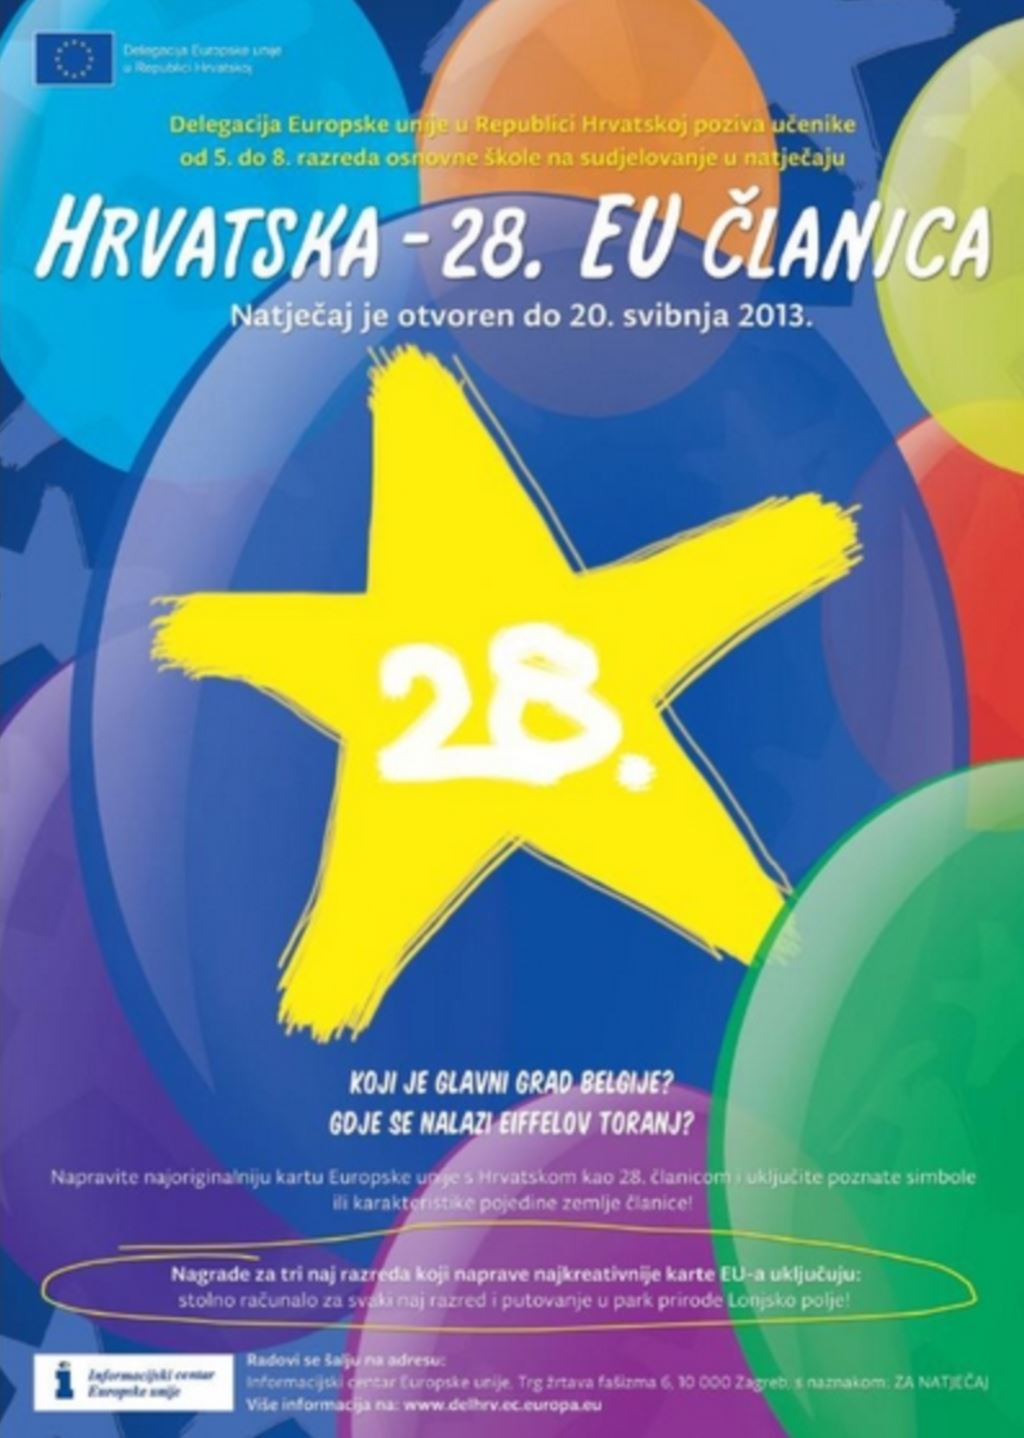 Novi natječaj Delegacije EU-a - Hrvatska 28. EU članica